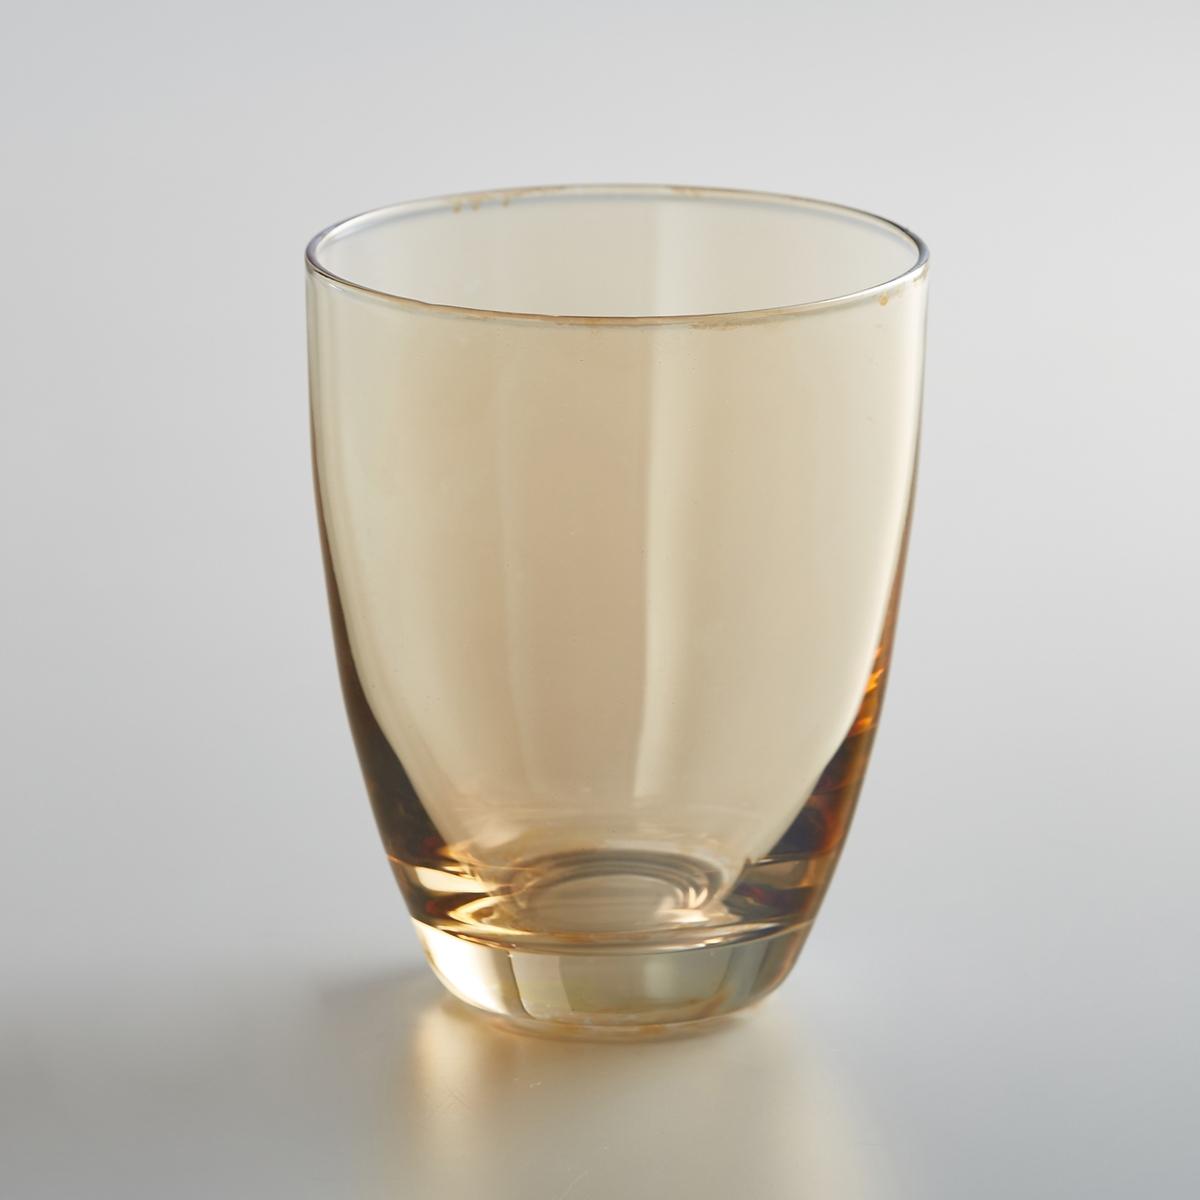 Комплект из 4 стаканов из стекла, KOUTINE4 стакана из стекла Koutine La redoute Int?rieurs. Янтарный или темно-серый цвет для создания гармонии оттенков на вашем столе.Характеристики 4 стаканов из стекла Koutine:Стаканы из стекла, выдуваемого с помощью ртаДиаметр : 8,4 см.Высота : 10 см Ручная стирка.В комплекте 4 стаканаНайдите всю коллекцию Koutine на нашем сайте laredoute.ru<br><br>Цвет: дымчато-серый,янтарь